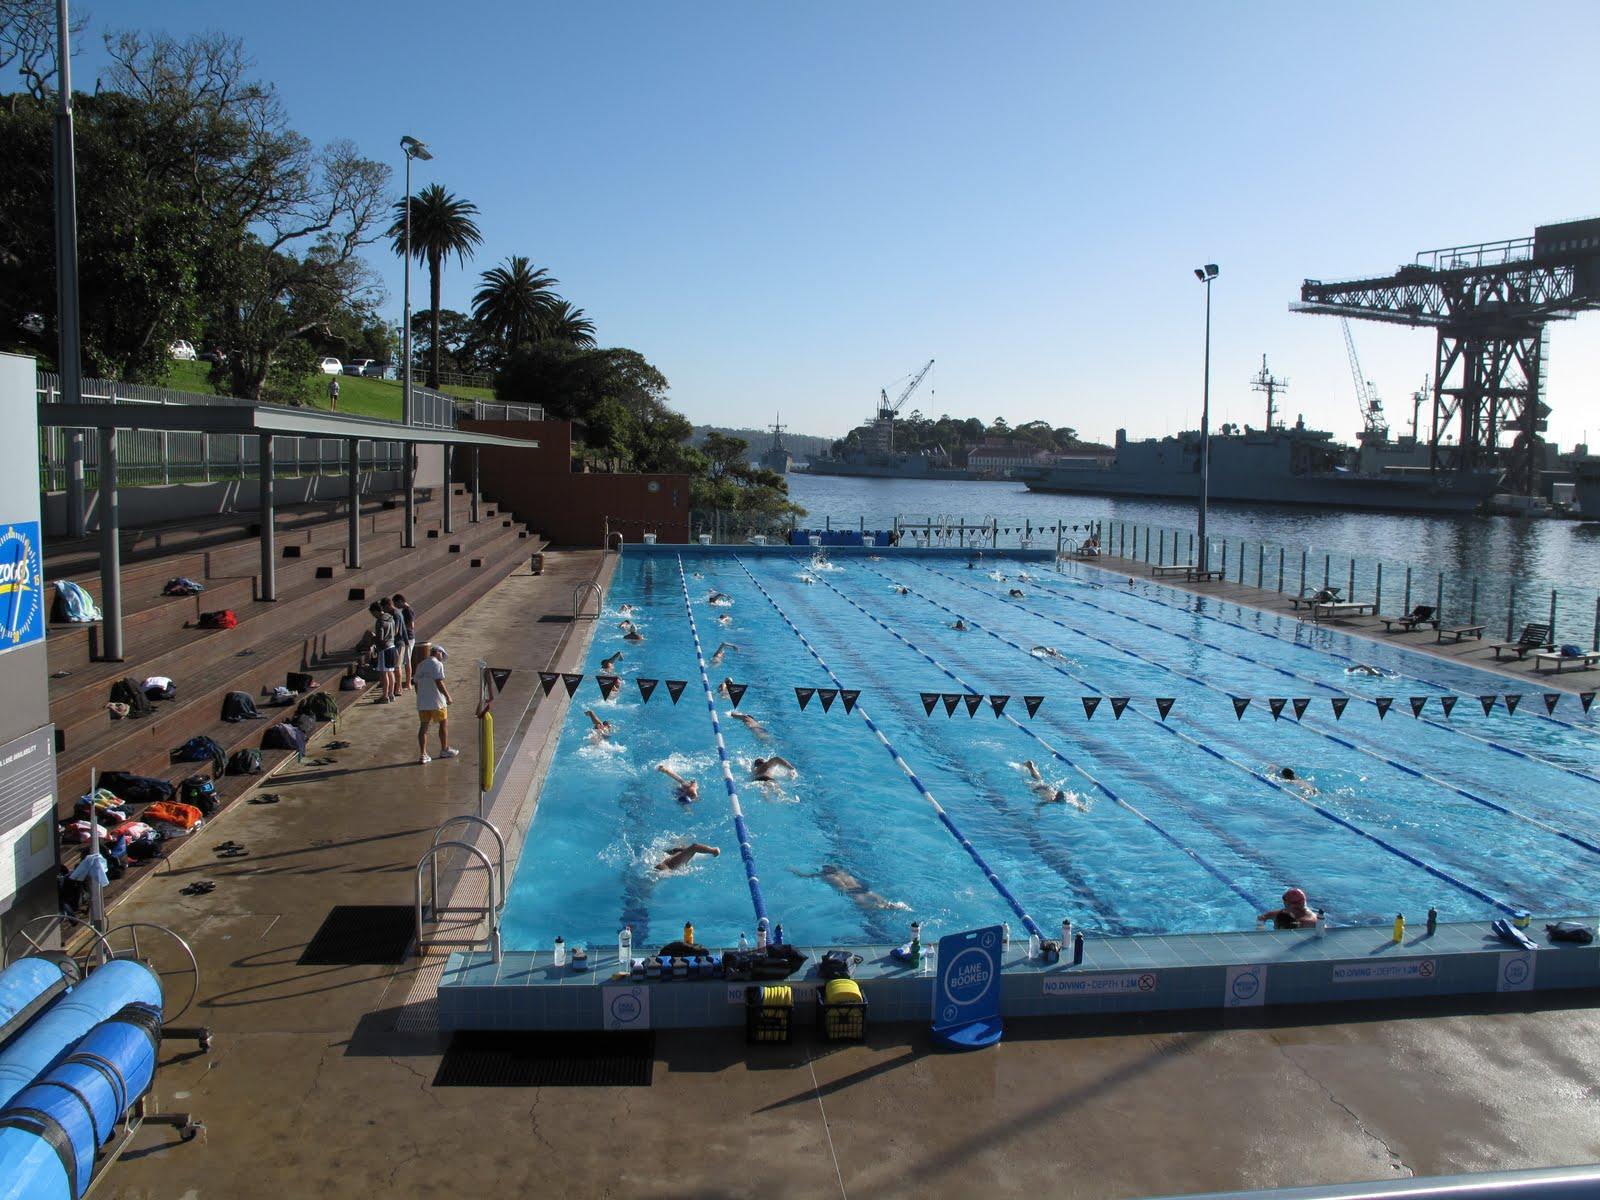 Sydney Australia Boy Charlton Pool